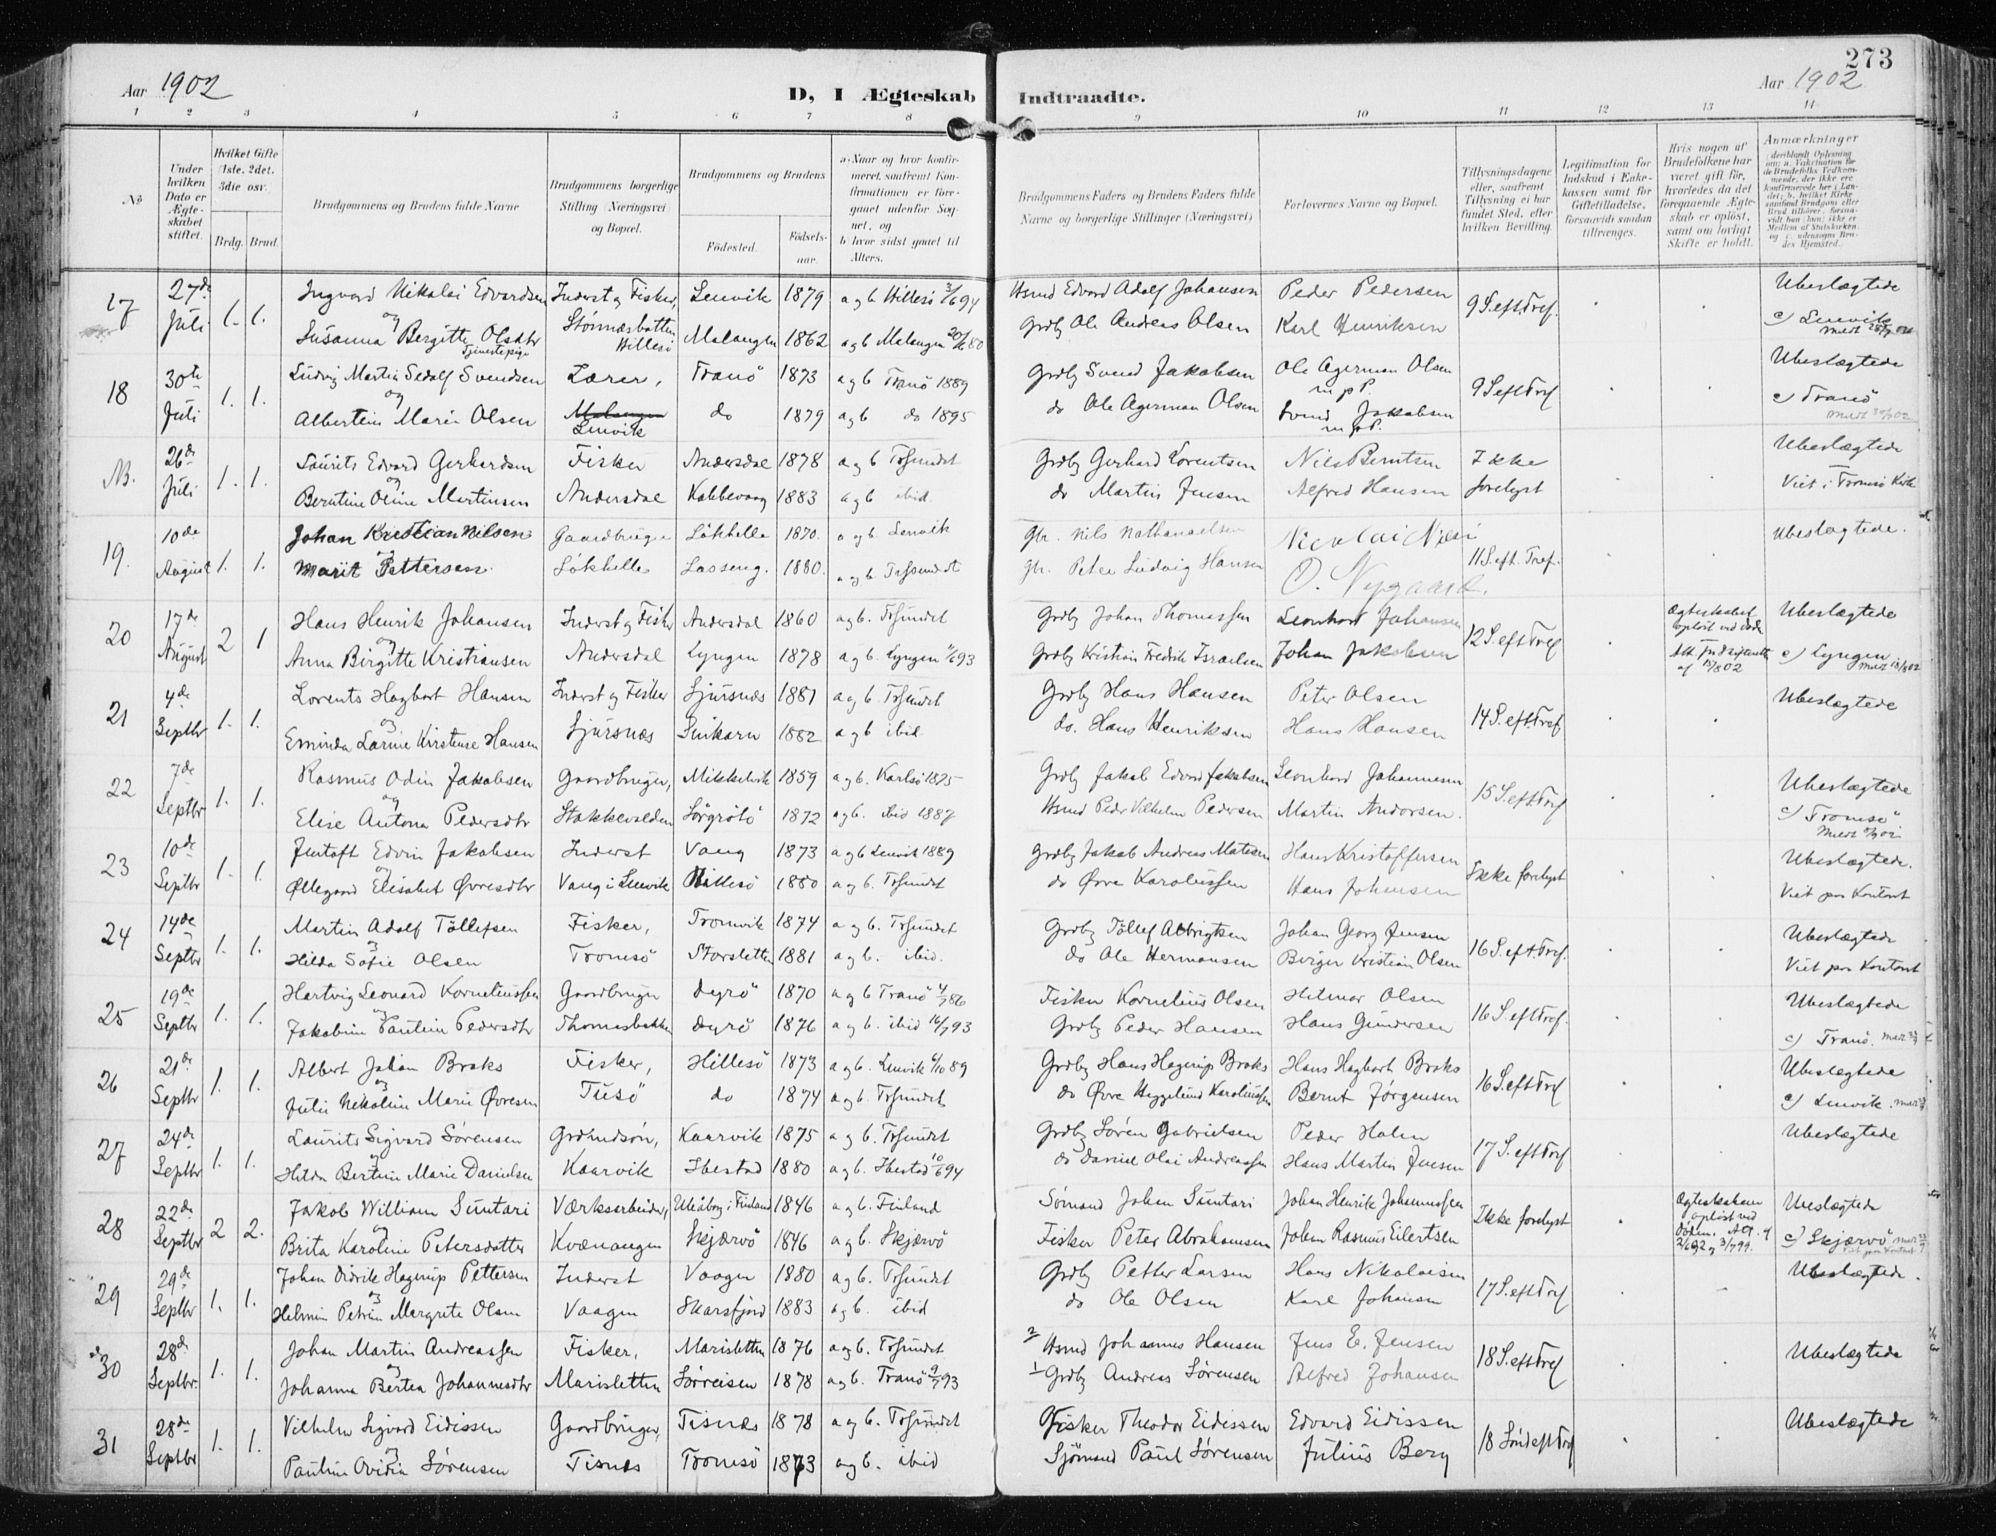 SATØ, Tromsøysund sokneprestkontor, G/Ga/L0006kirke: Ministerialbok nr. 6, 1897-1906, s. 273